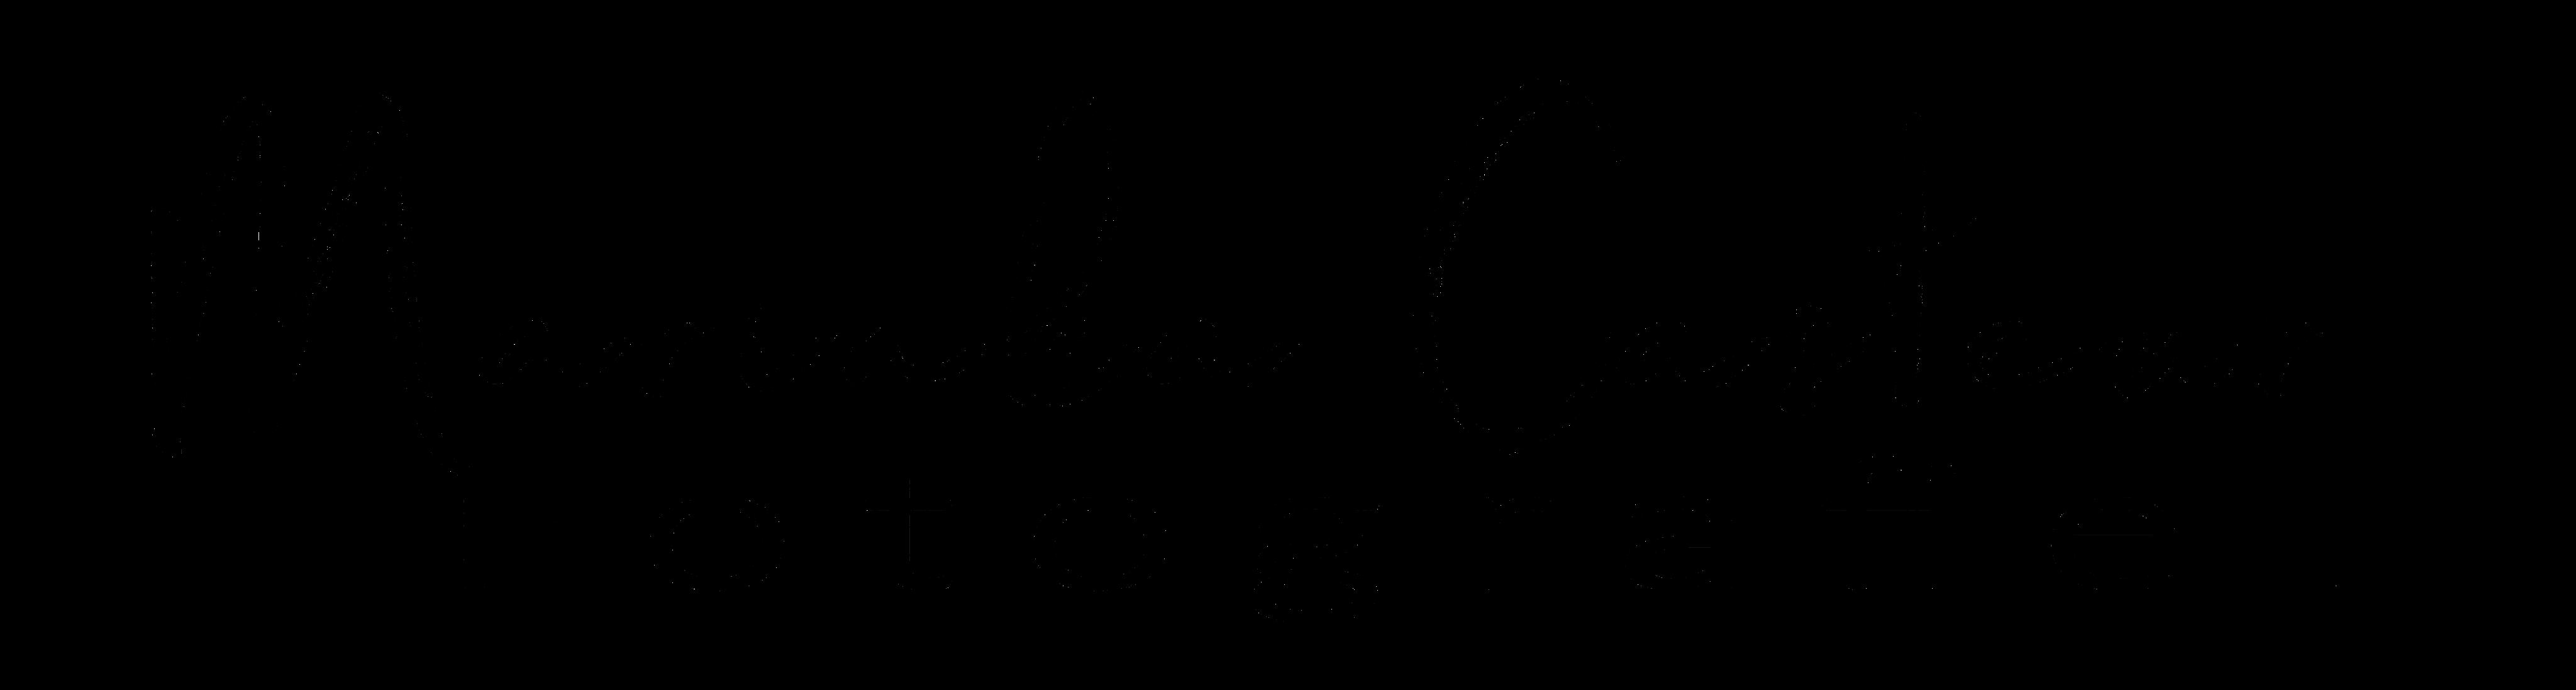 marinka casteur